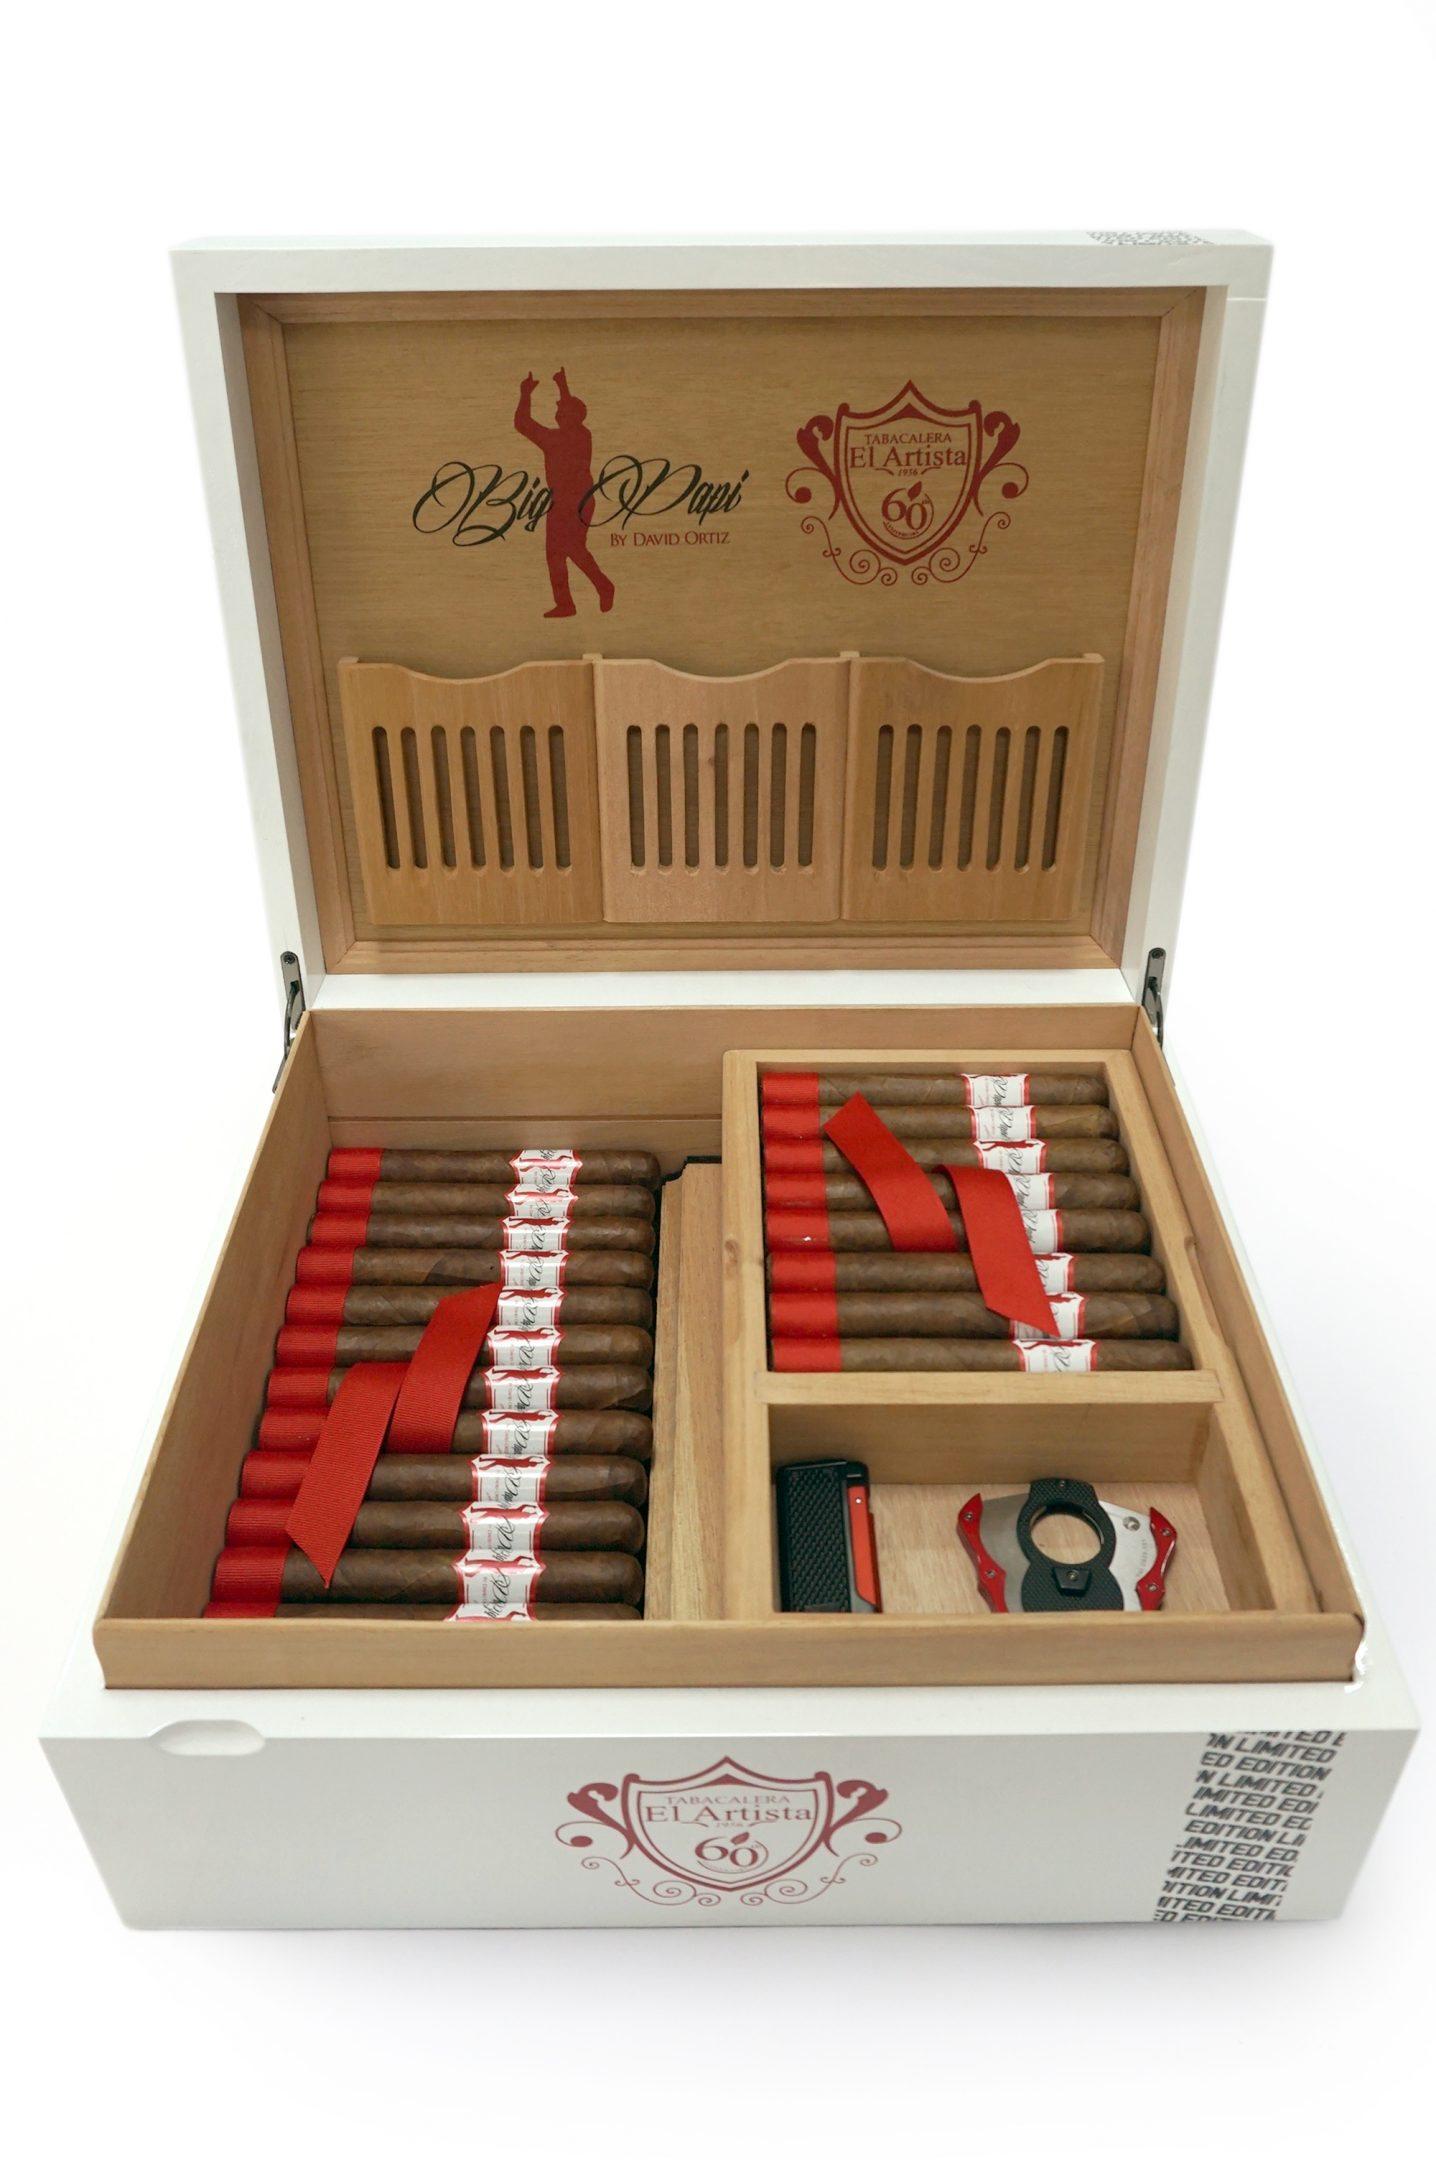 Cigar News: El Artista Unveils Big Papi Humidor